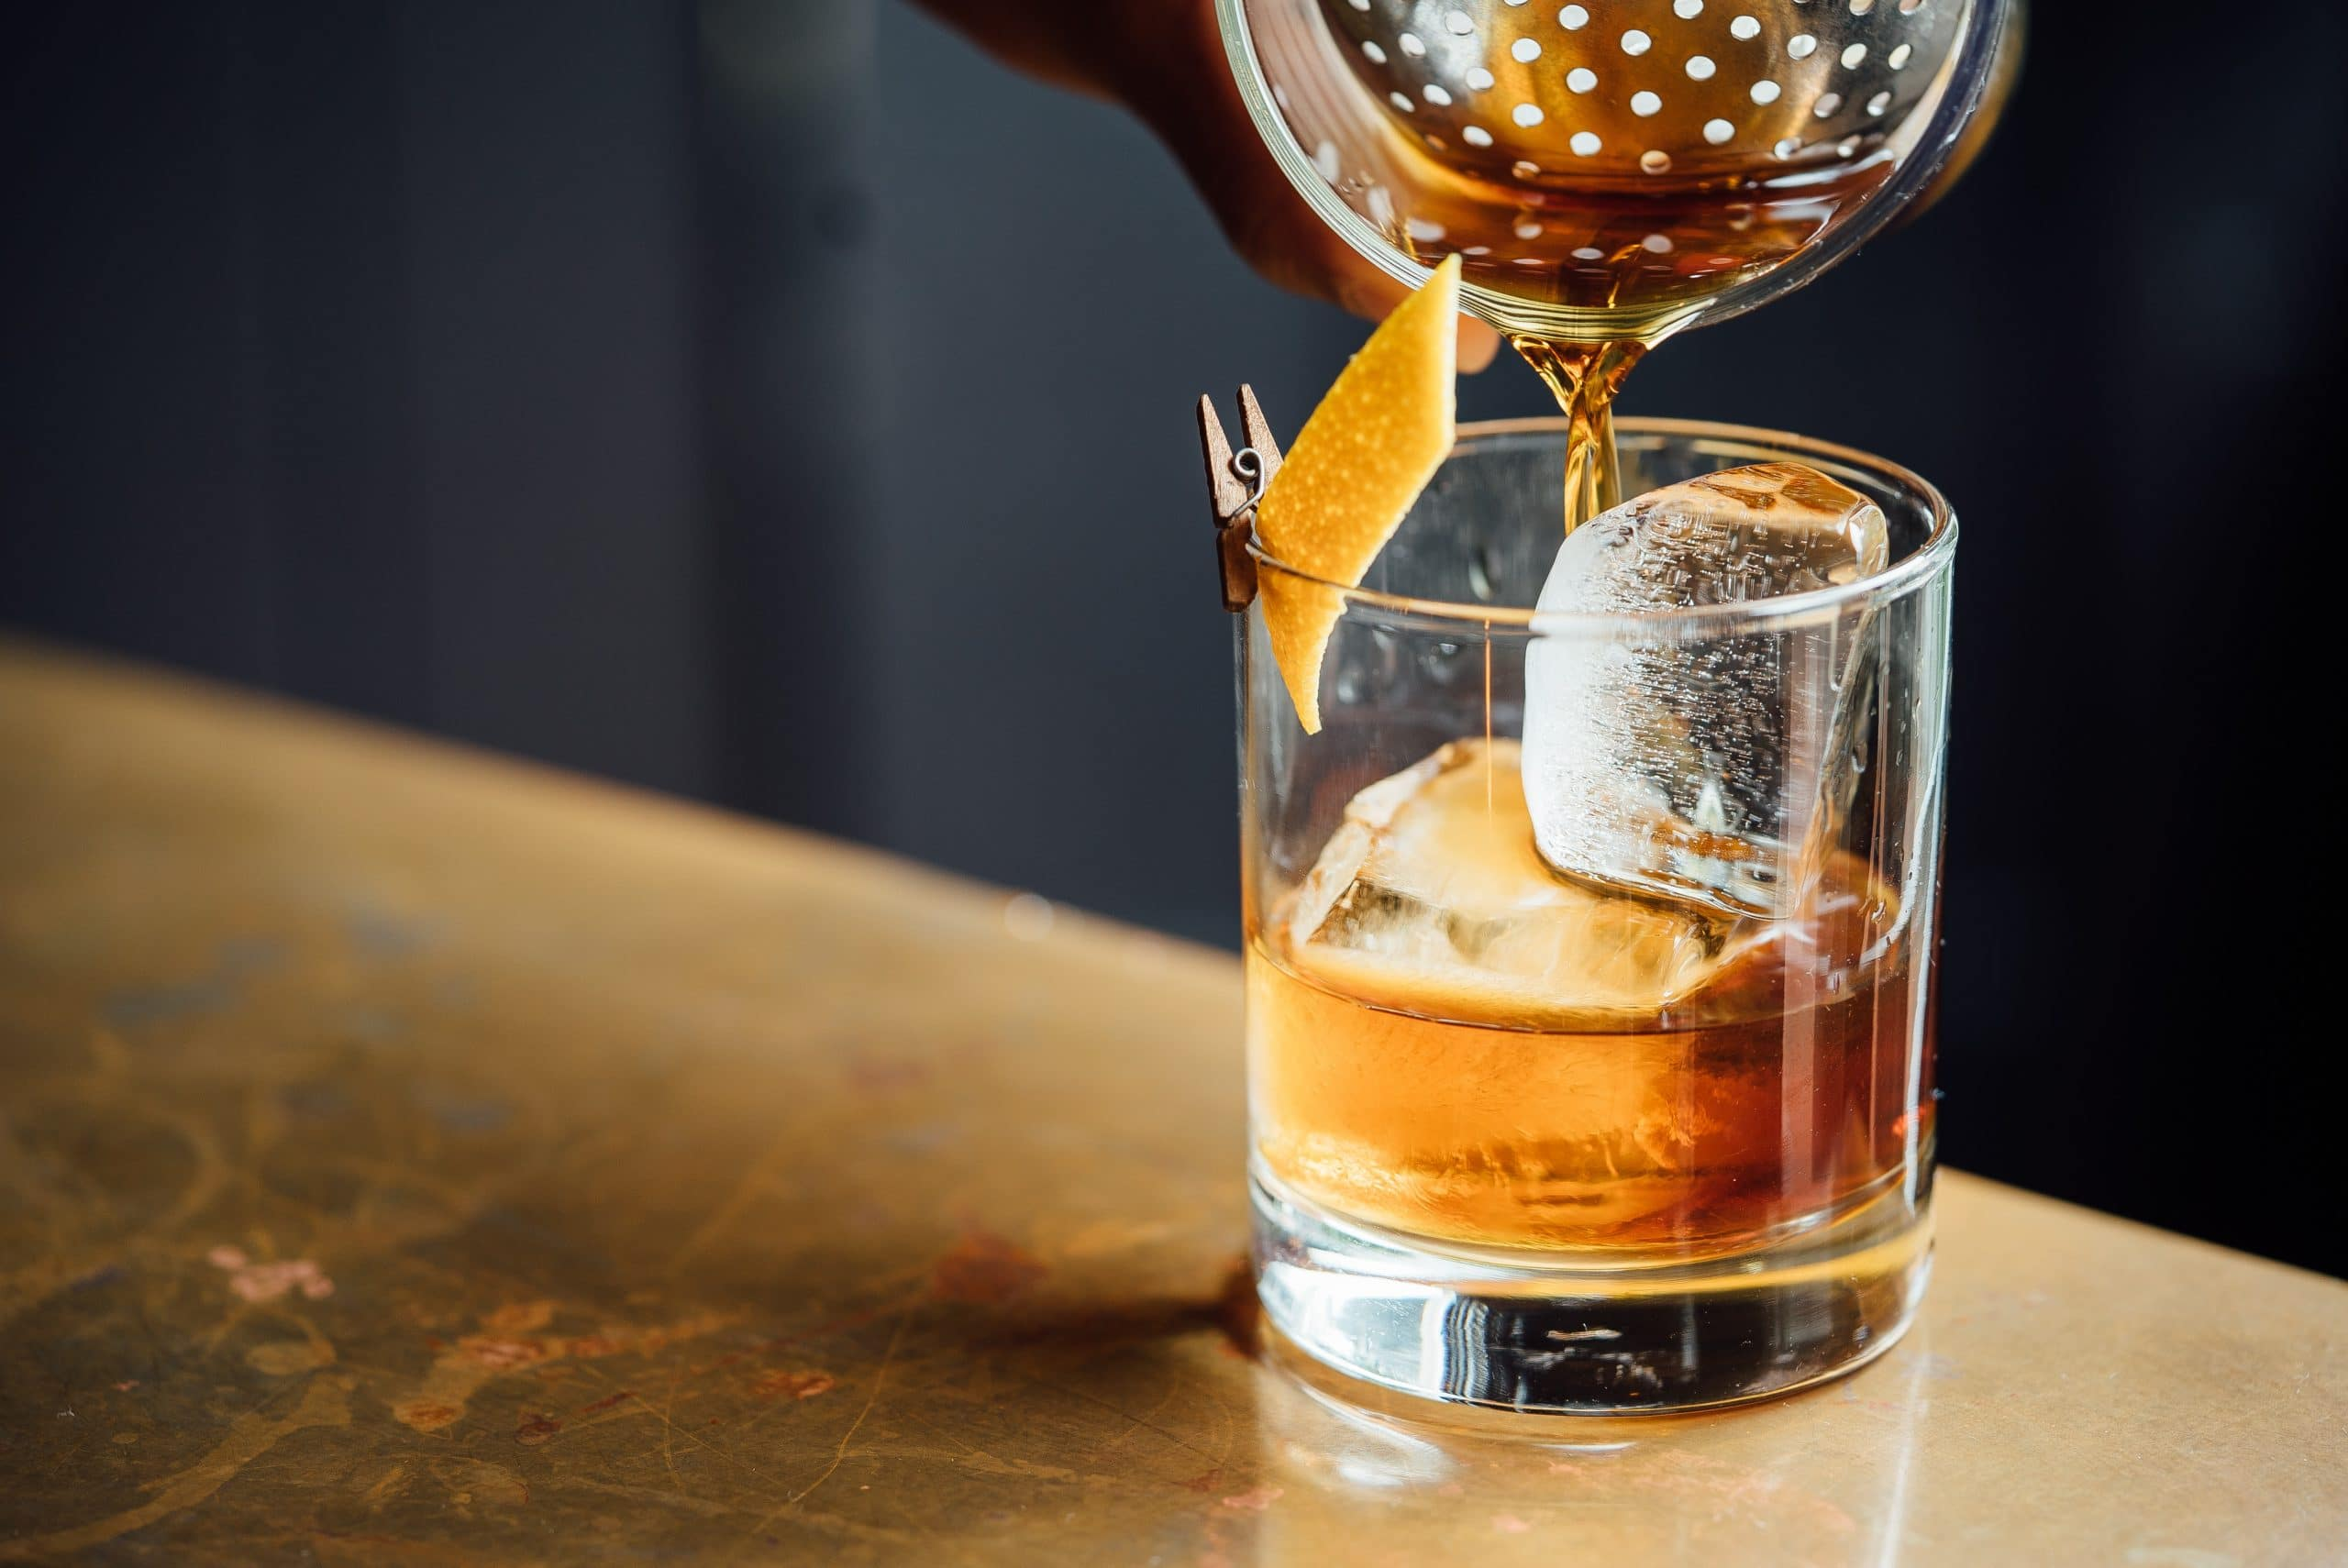 Verre de whisky avec glaçons et zeste d'orange